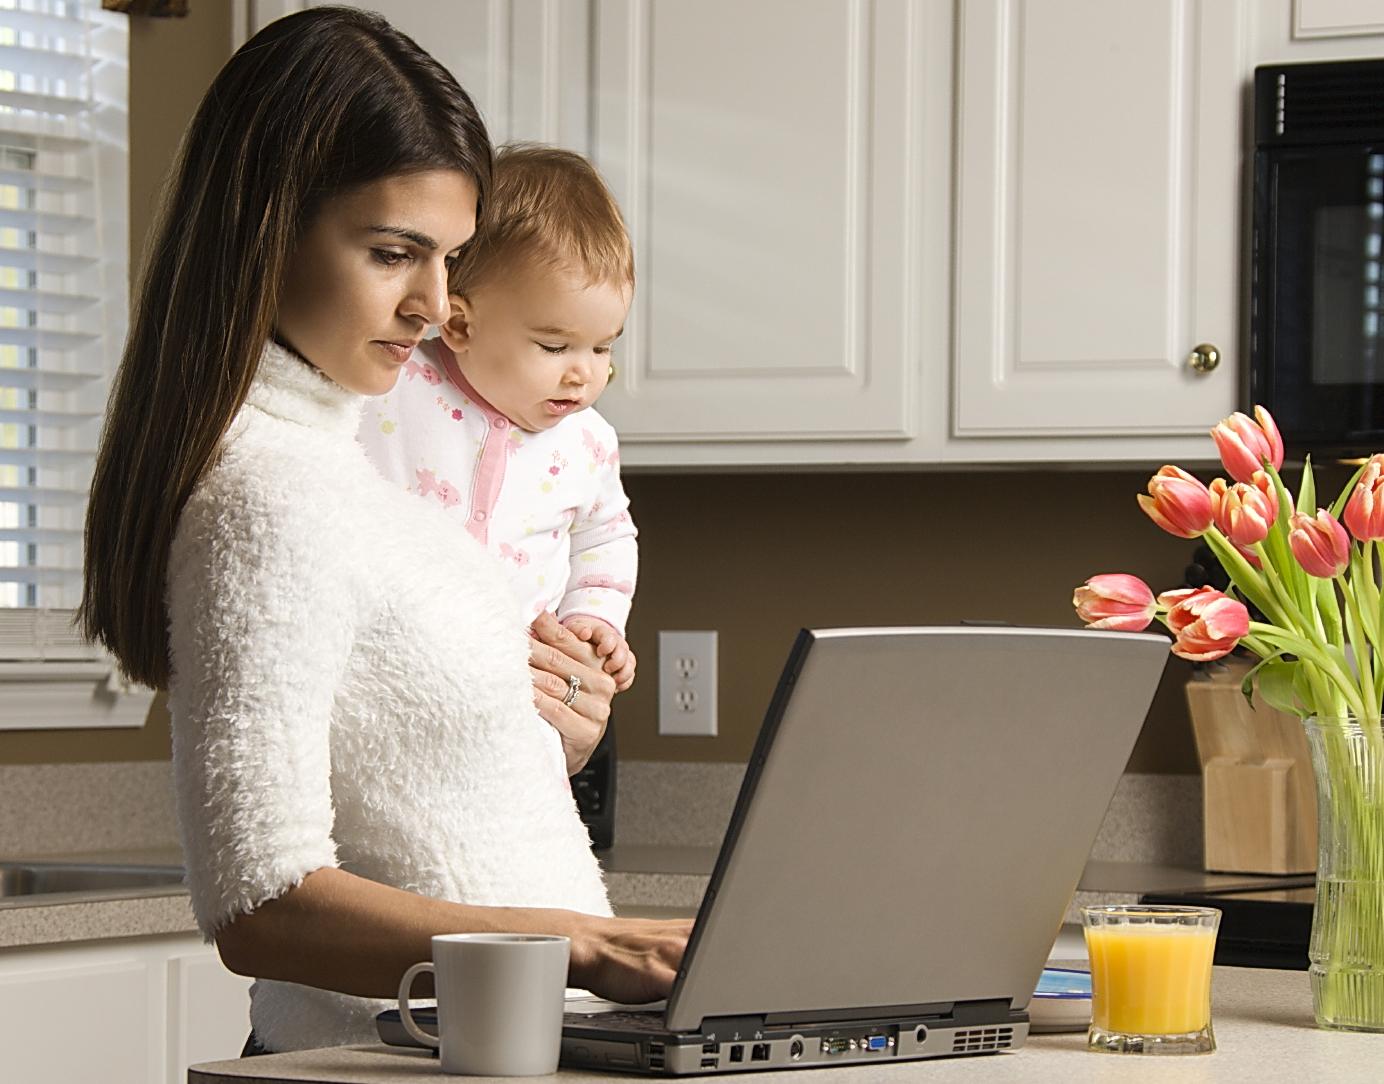 Kadınlar İş ve Annelik Dengesini Kurabilir mi?